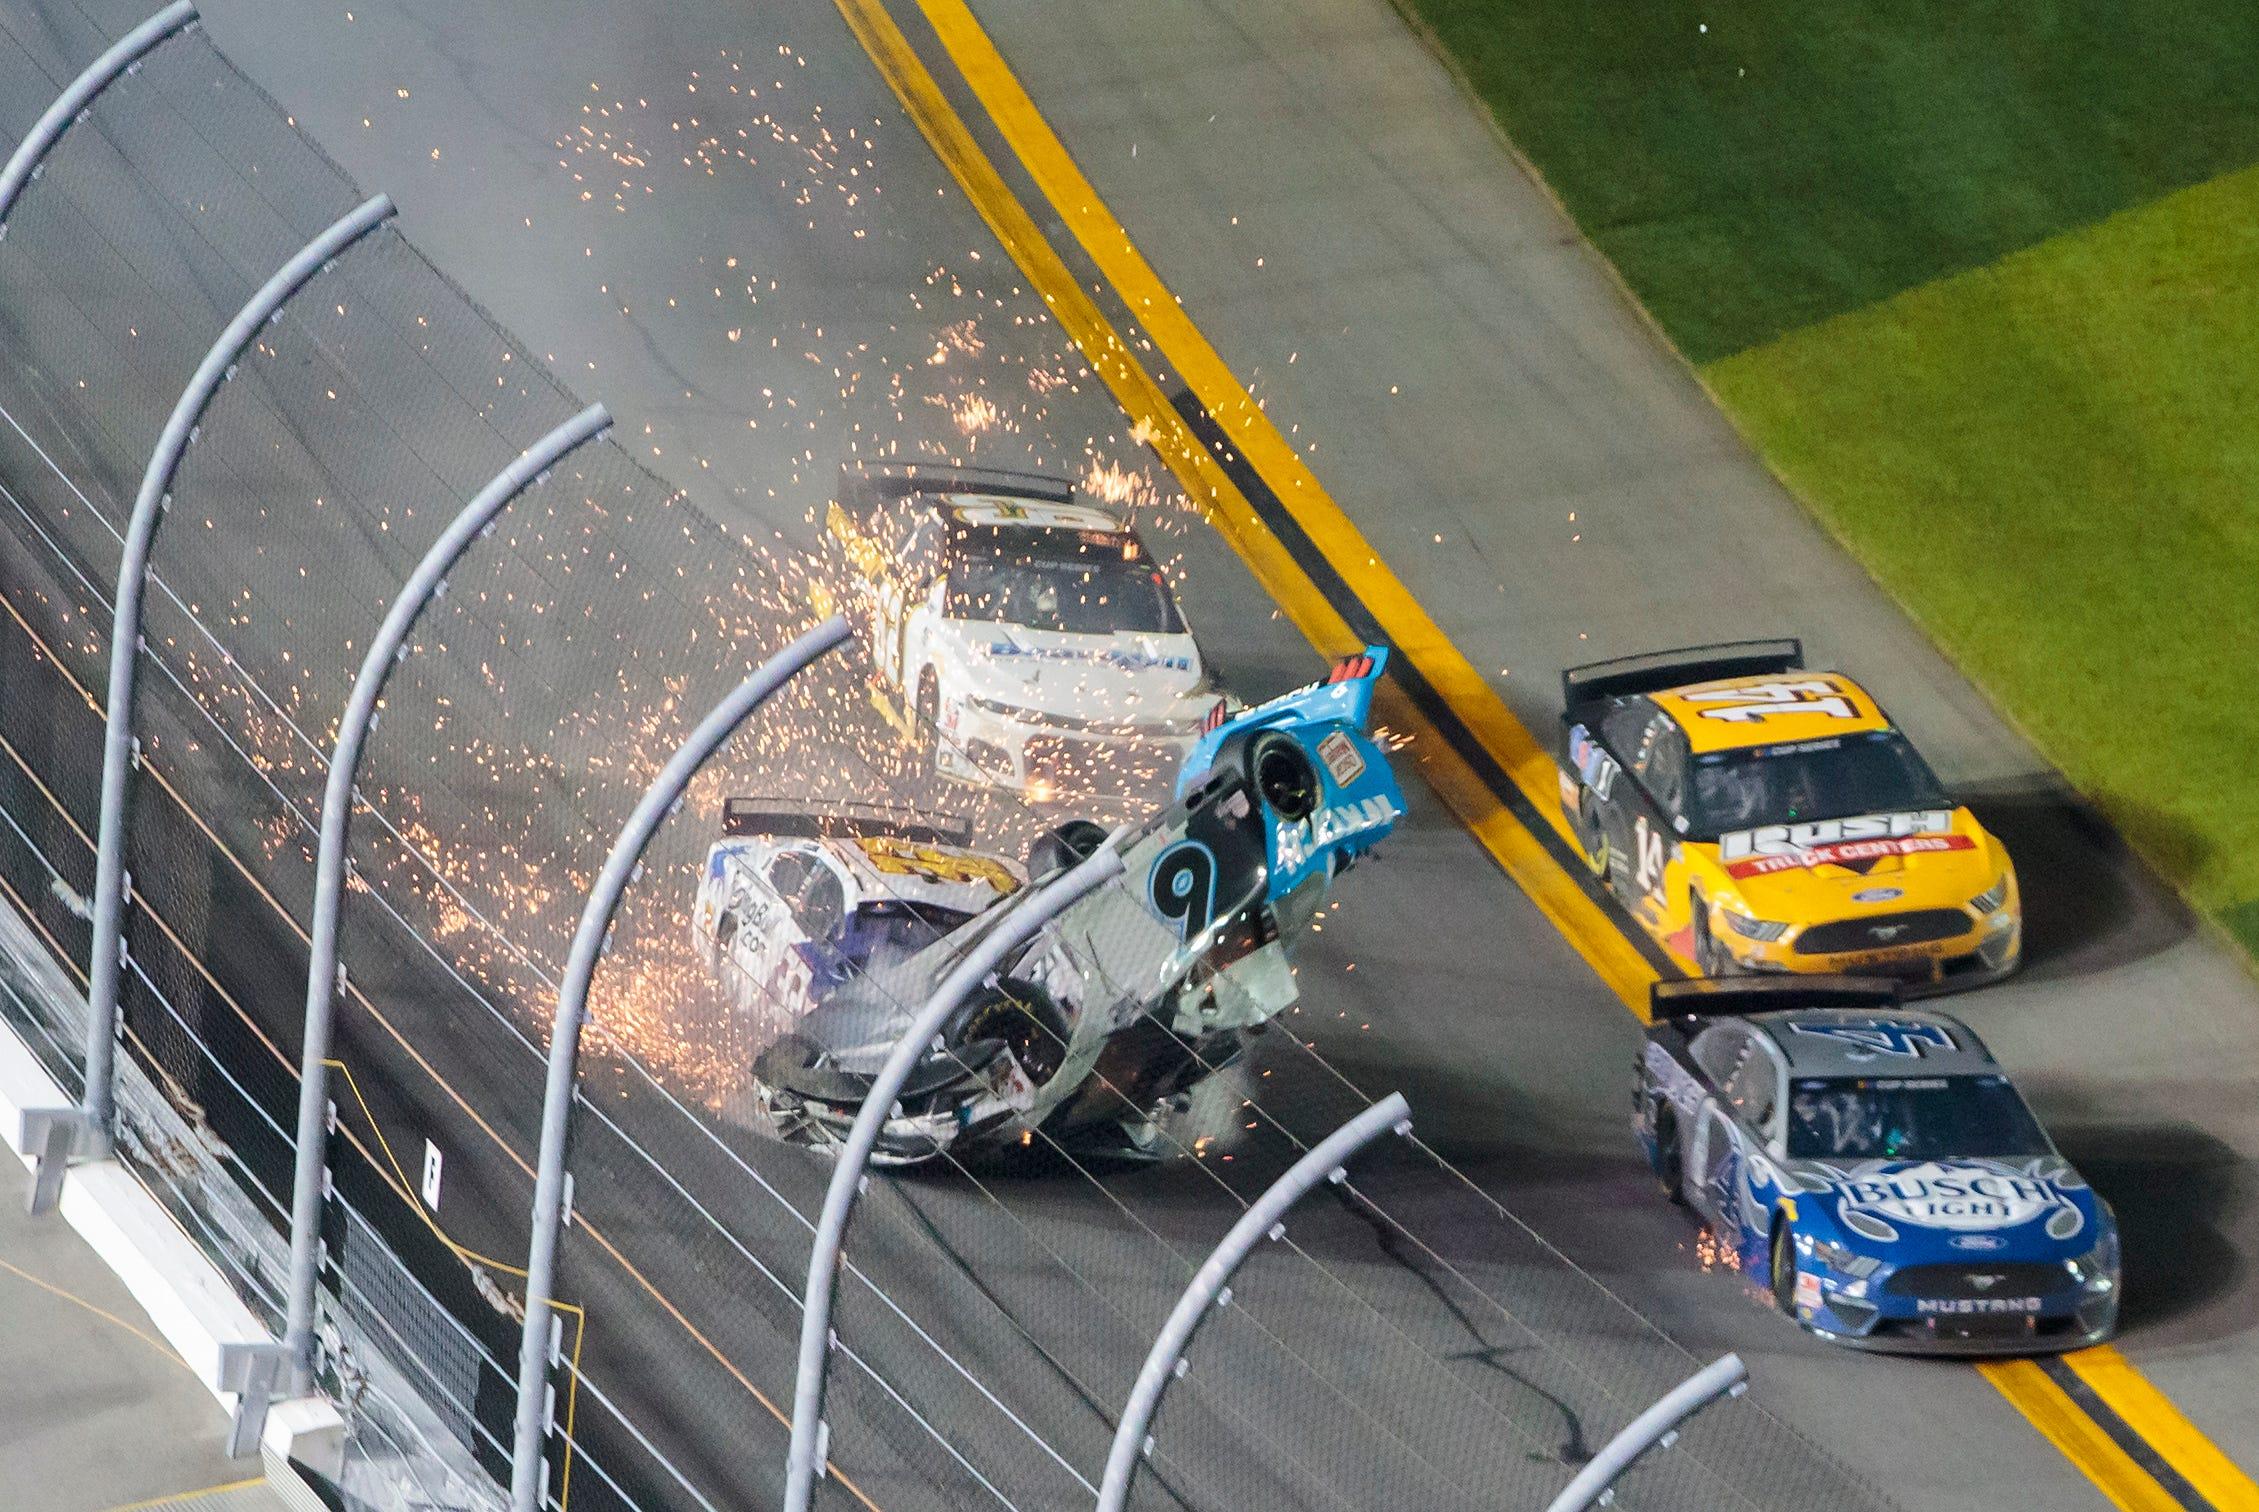 NASCAR CHASE ELLIOTT # 9 CONTENDER T-SHIRT 2 SIDED 2019 MEN/'S SMALL